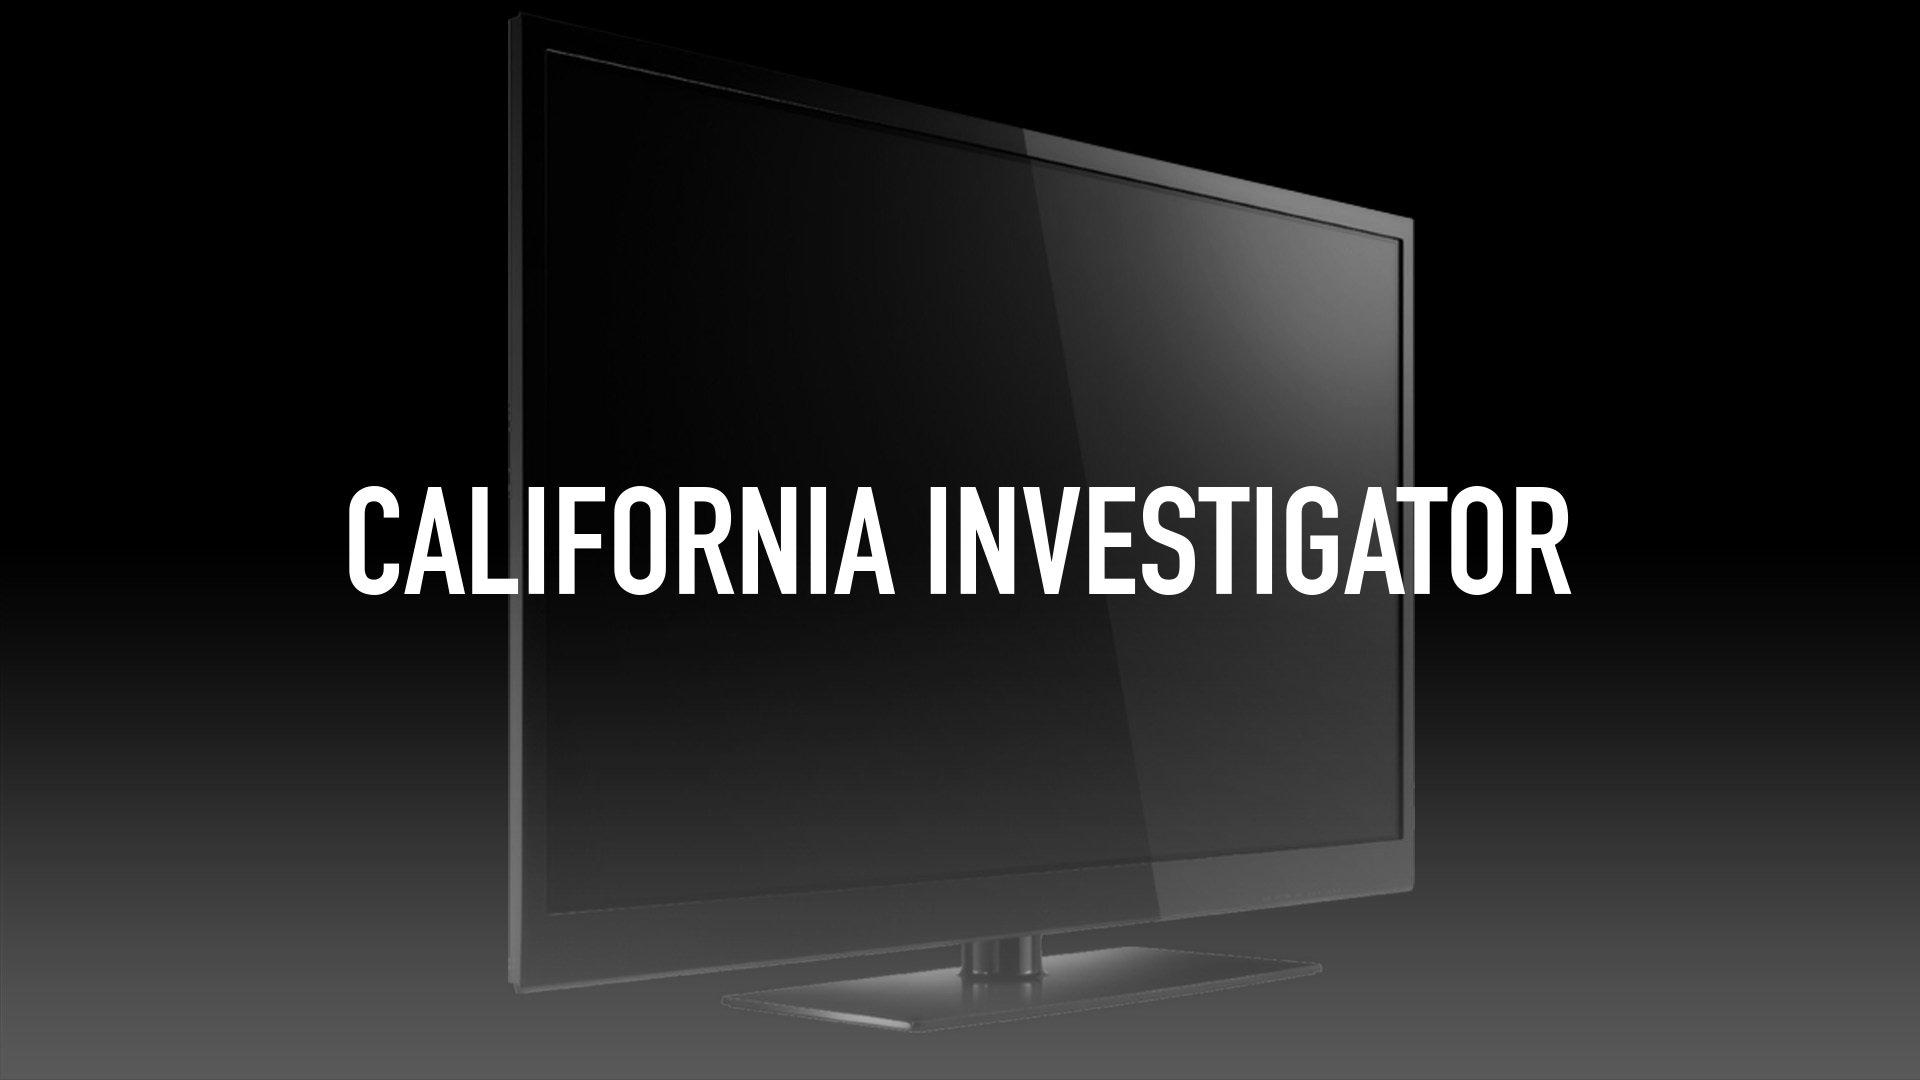 California Investigator